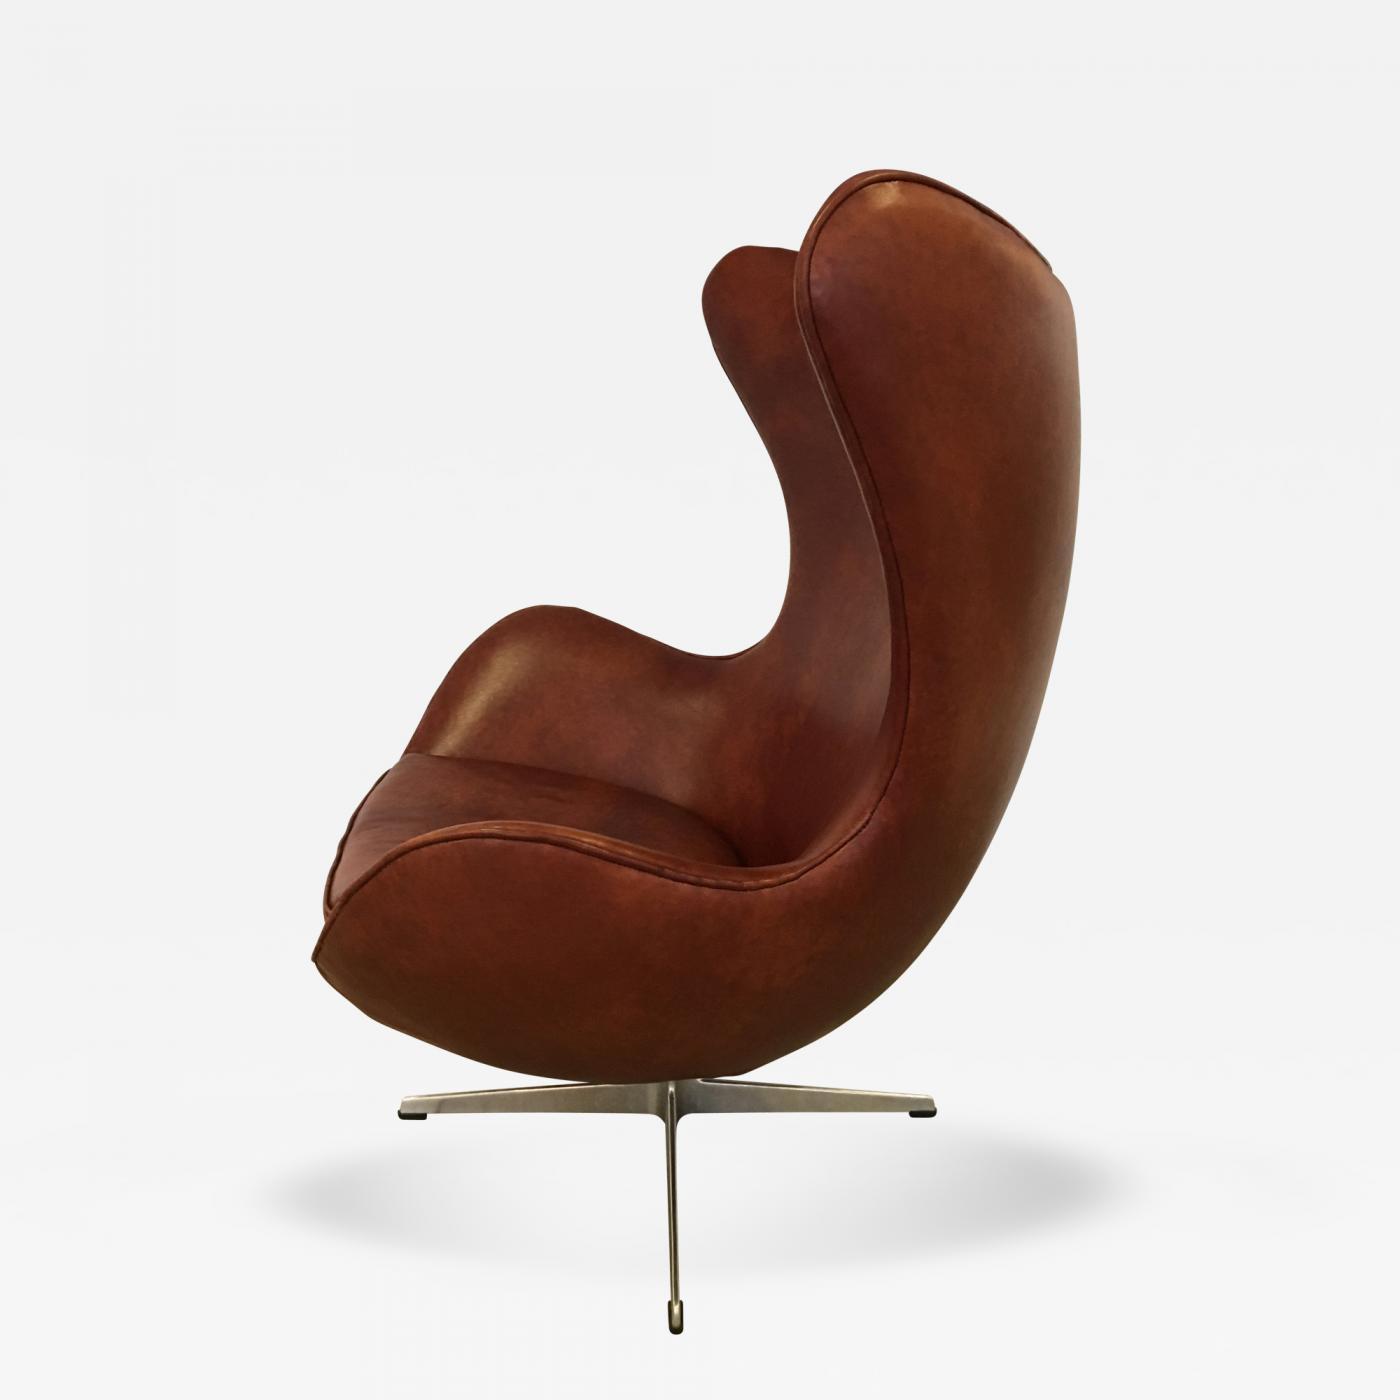 Arne Jacobsen Egg Chair.Arne Jacobsen Original Arne Jacobsen Egg Chair 1965